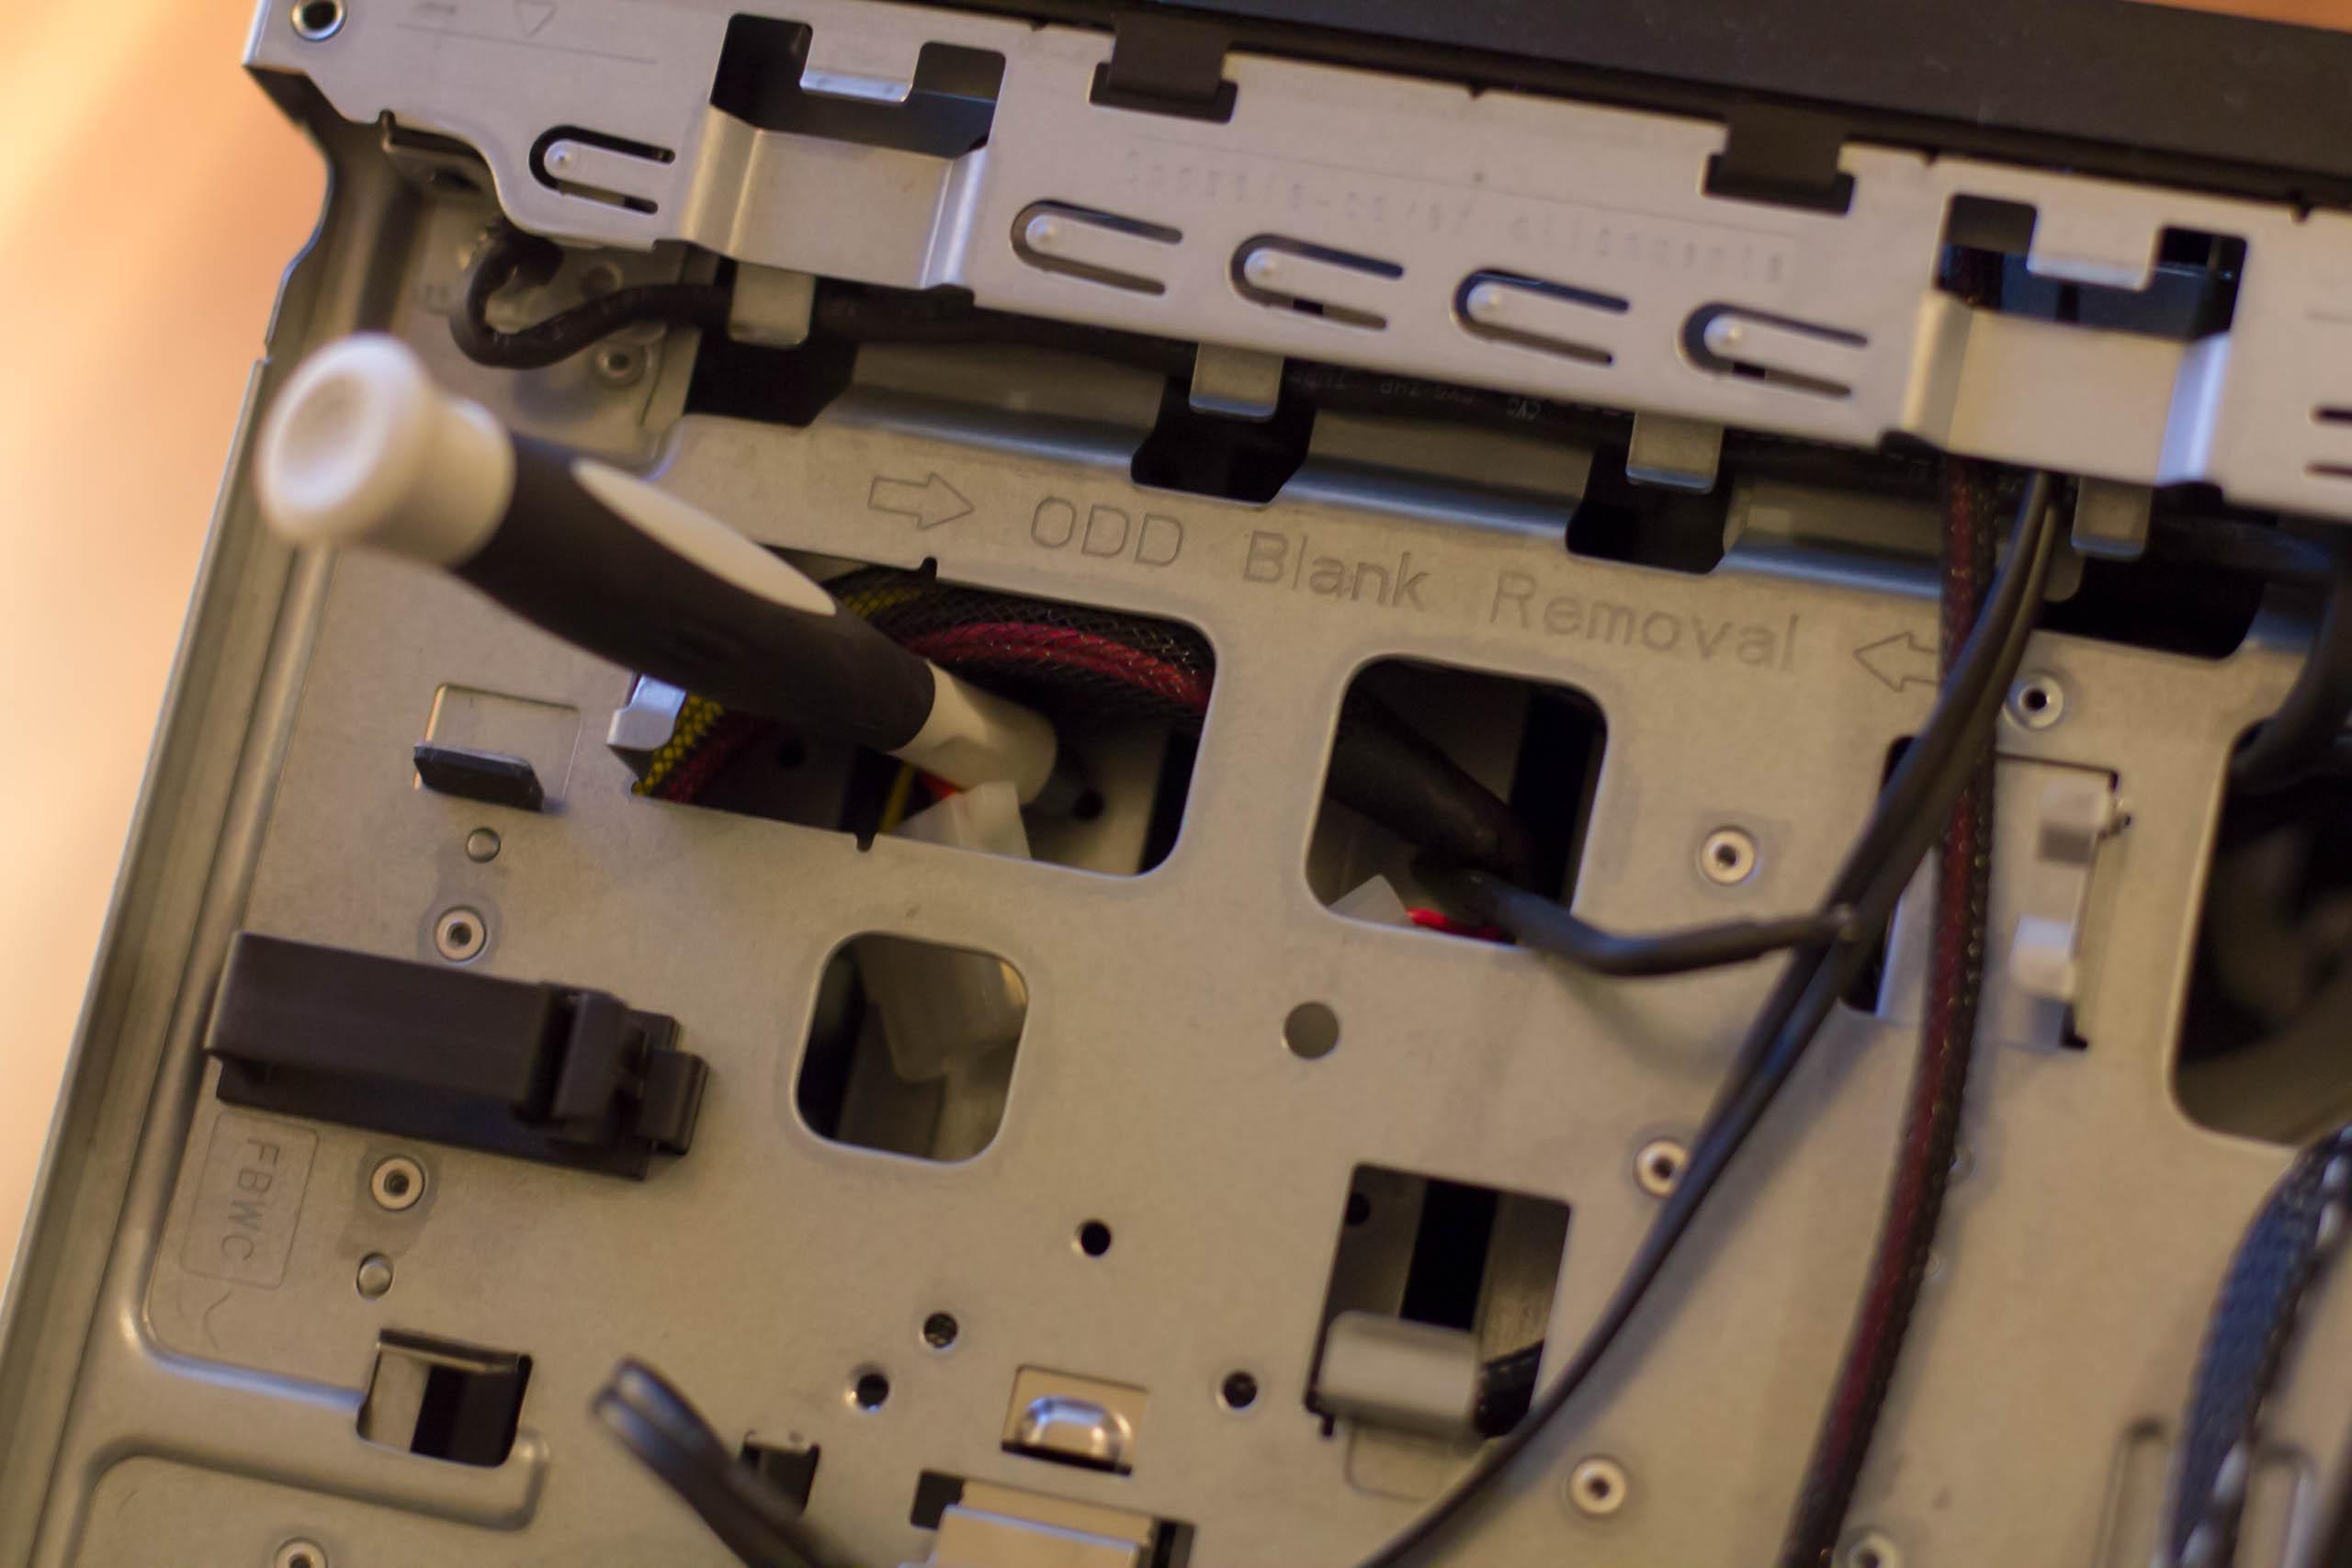 Unter dem optischen Laufwerk befindet sich eine Molex-Steckverbindung, die gelöst werden muss.